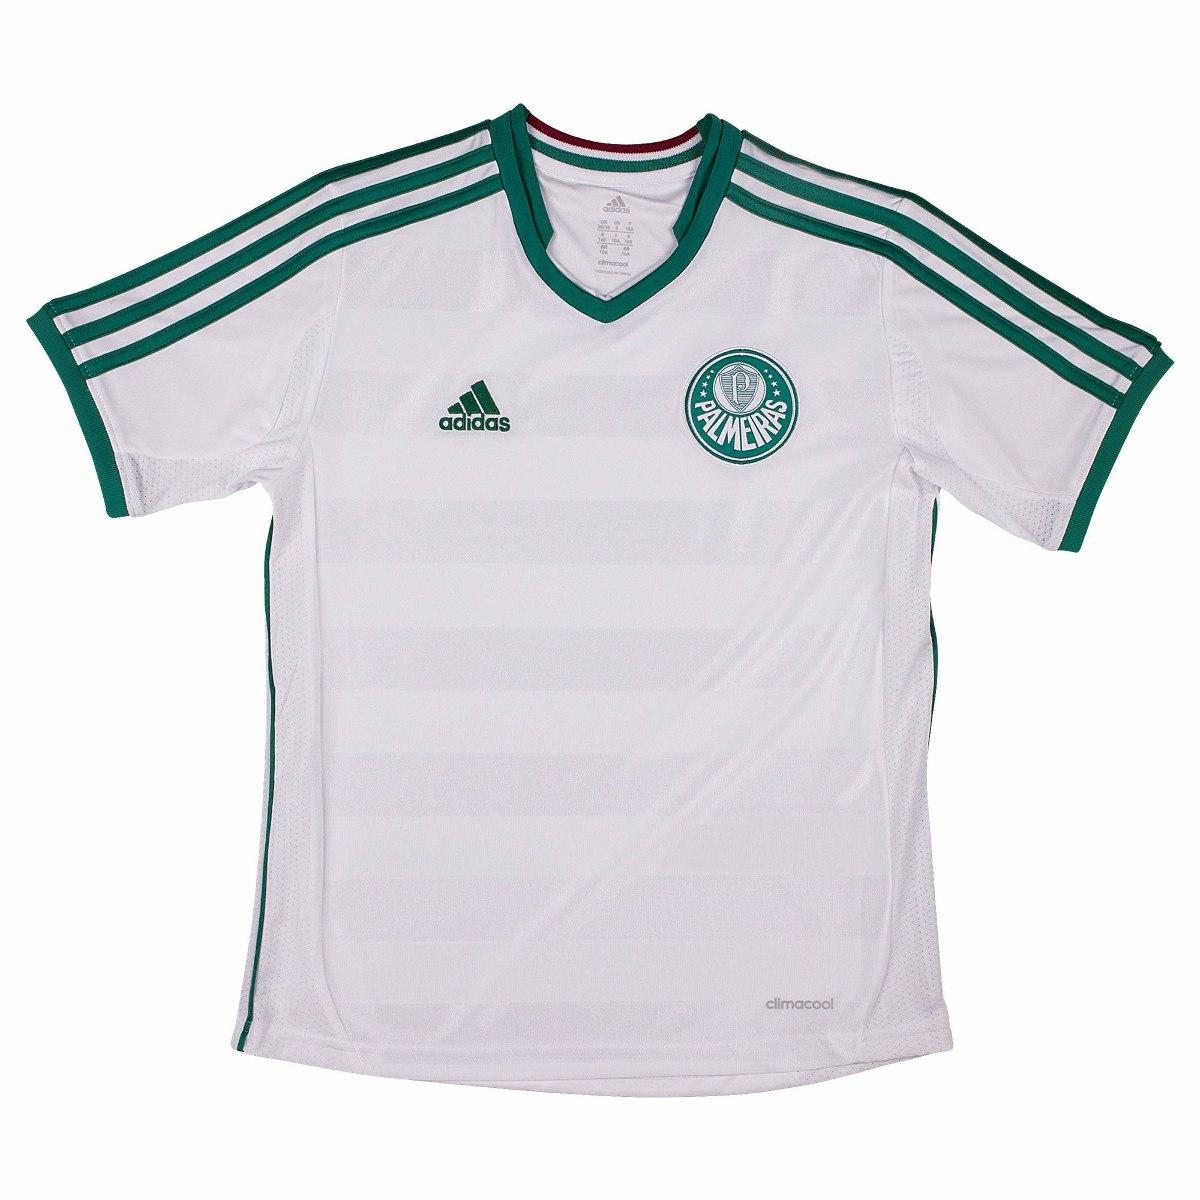 camisa adidas infantil palmeiras 2 sep original 1magnus. Carregando zoom. b9915b4be9bea